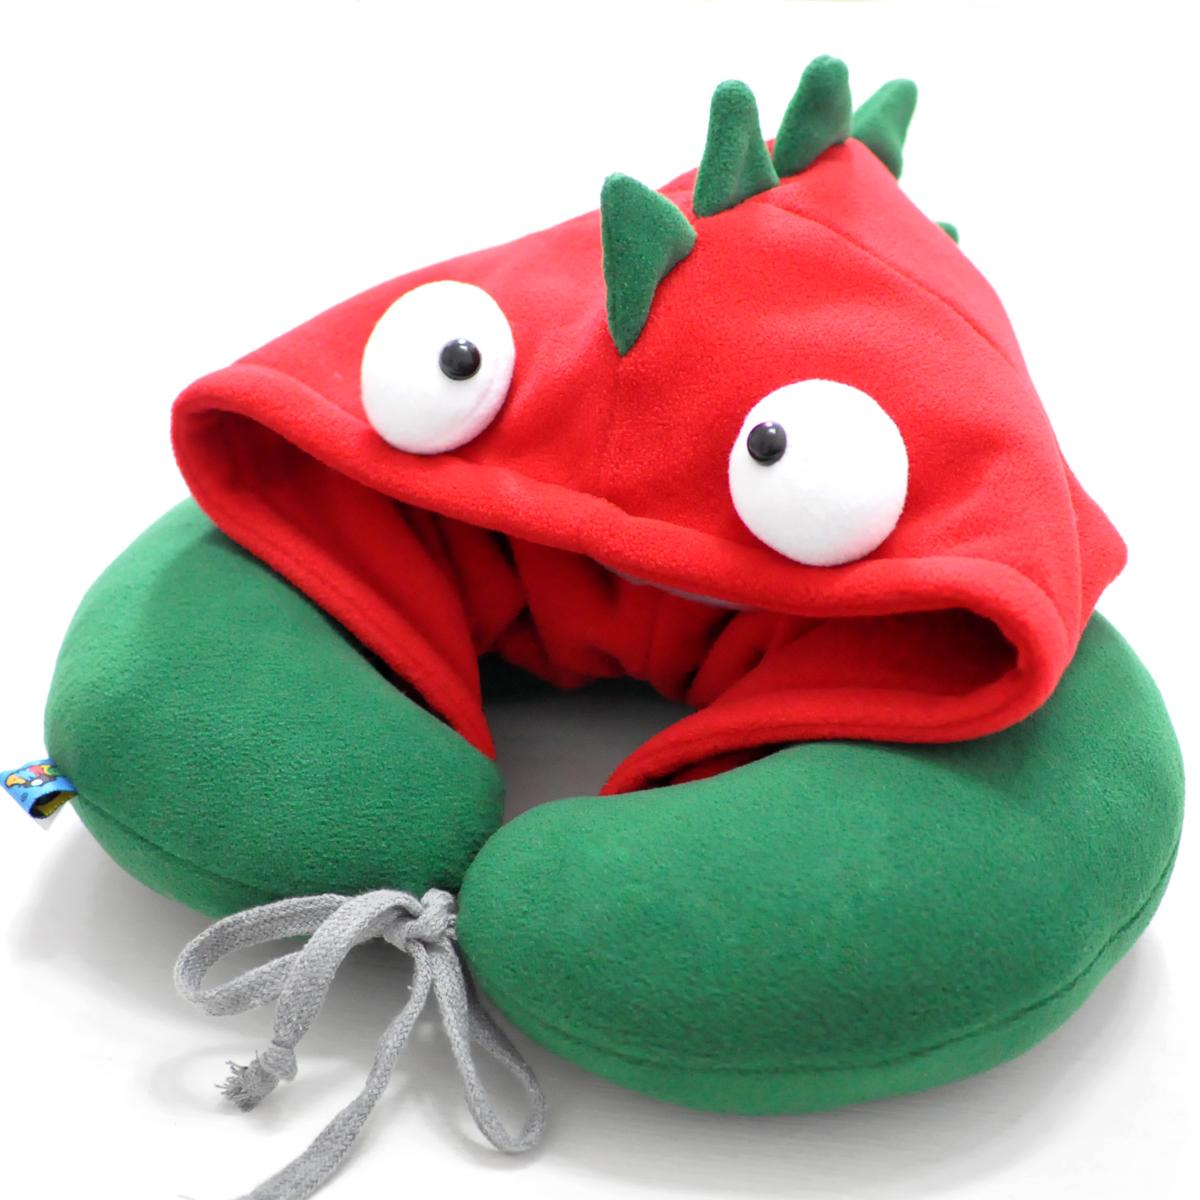 PLUMO皮洛姆萌可愛連帽U型枕卡通護頸枕午睡旅行枕頭枕繽紛葡萄牙